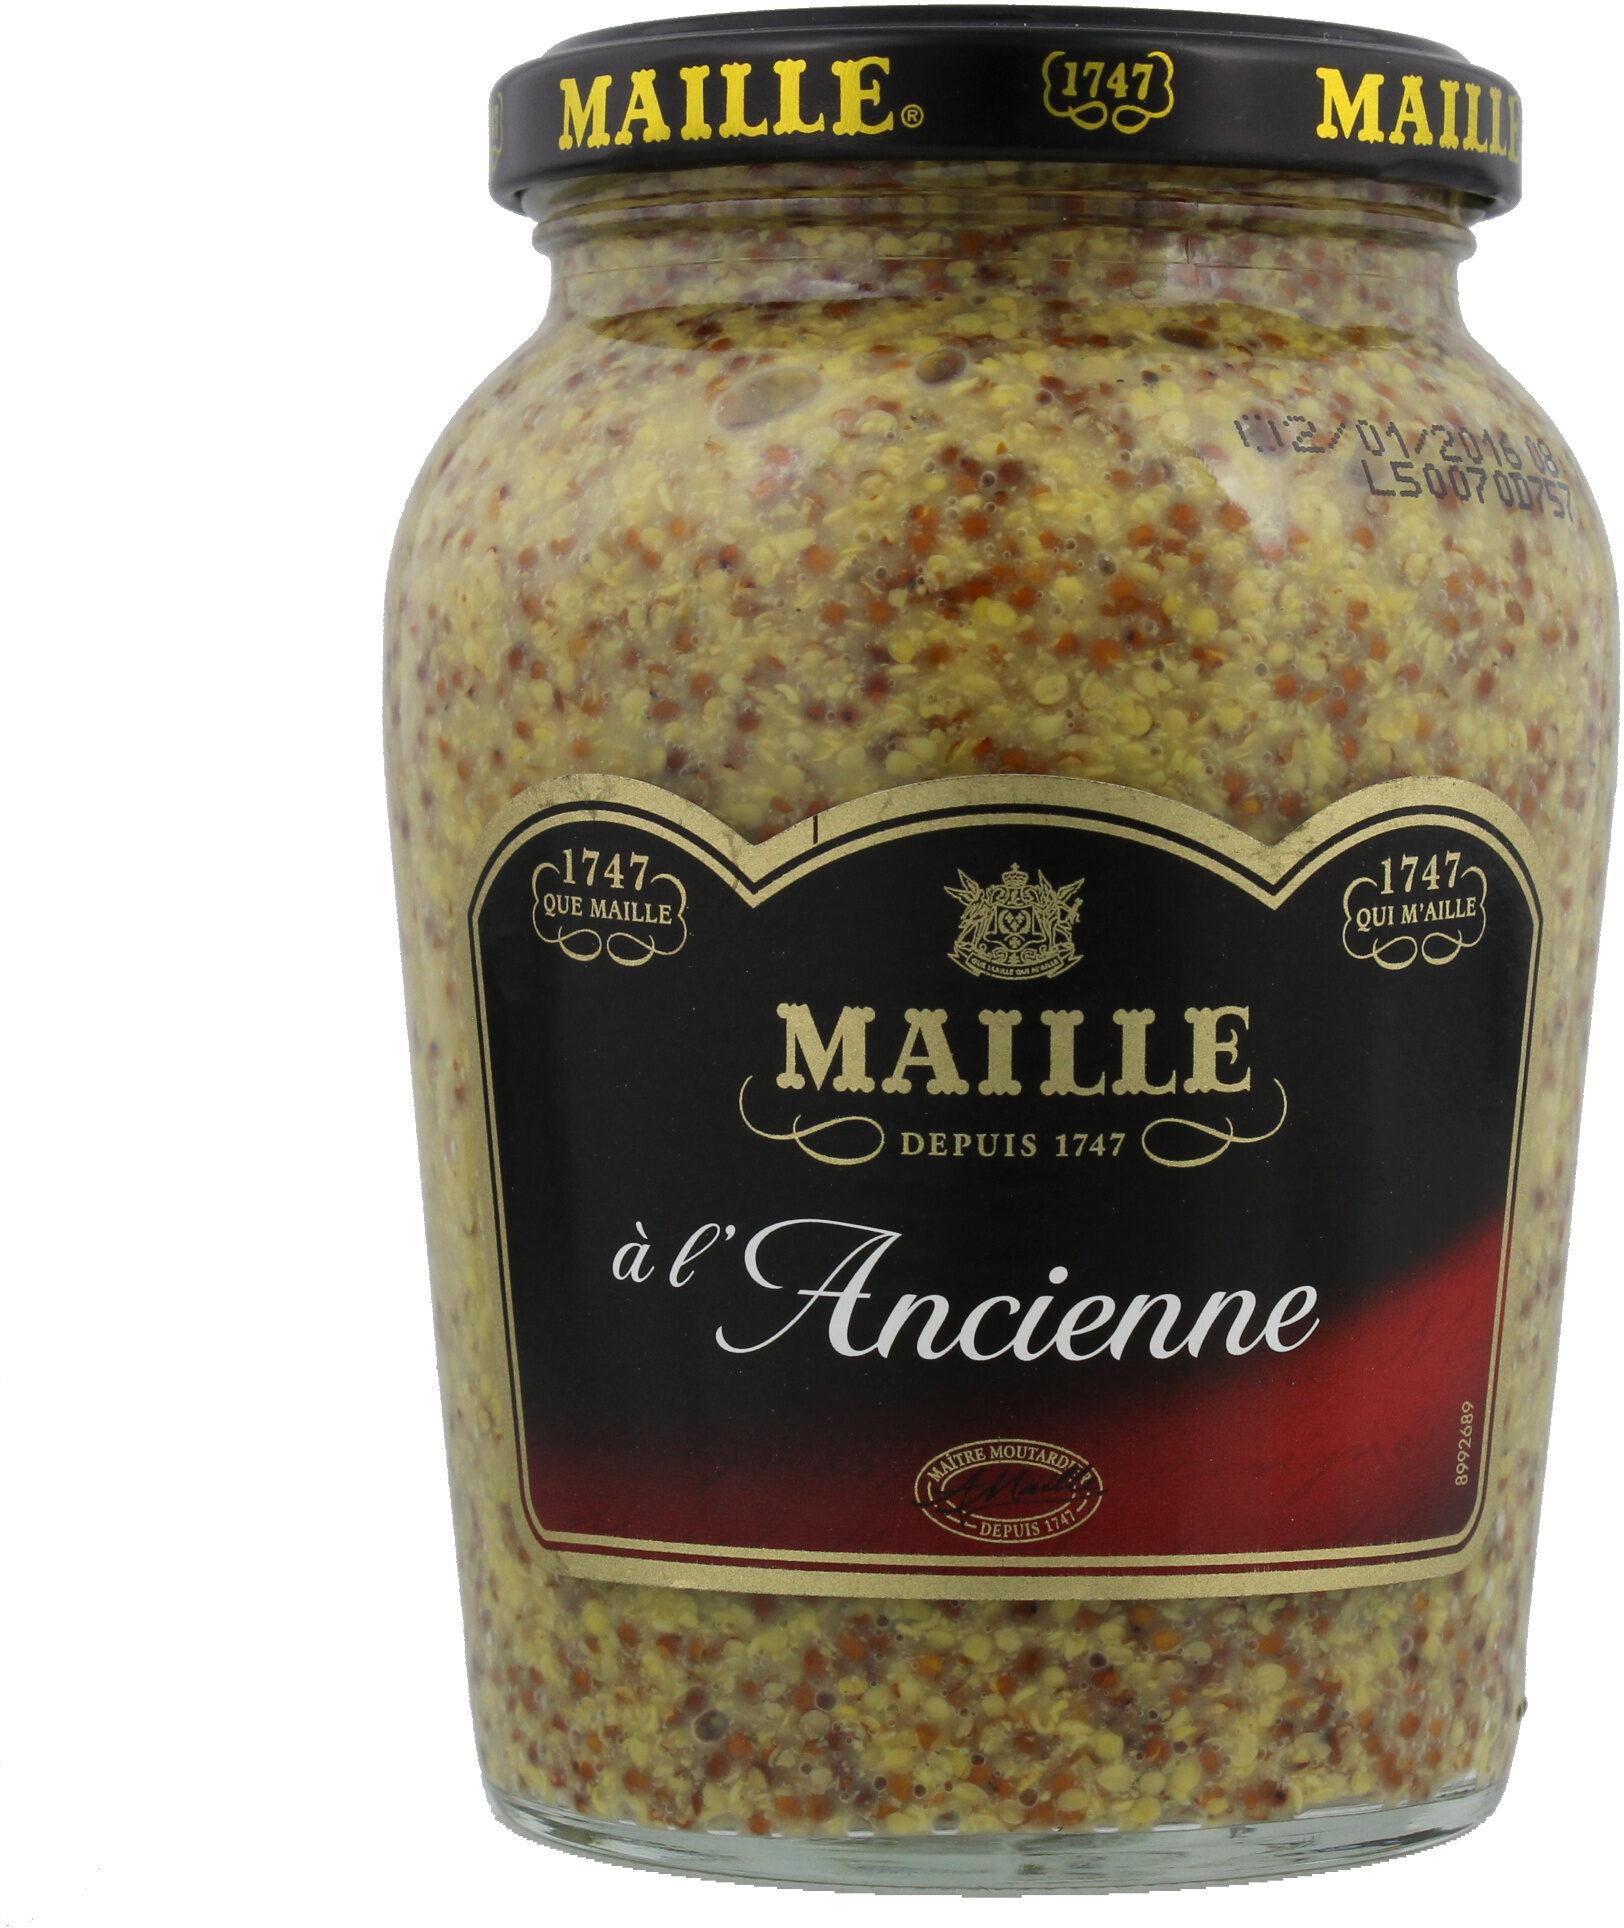 Maille Moutarde à l'Ancienne Bocal 380g - Produit